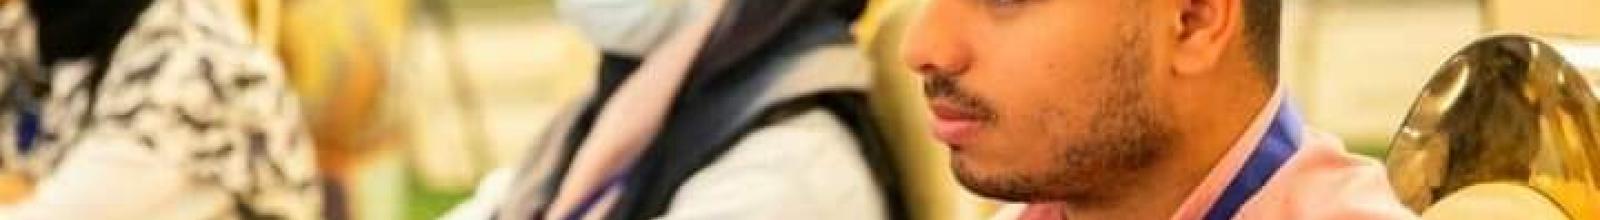 mohamedF9